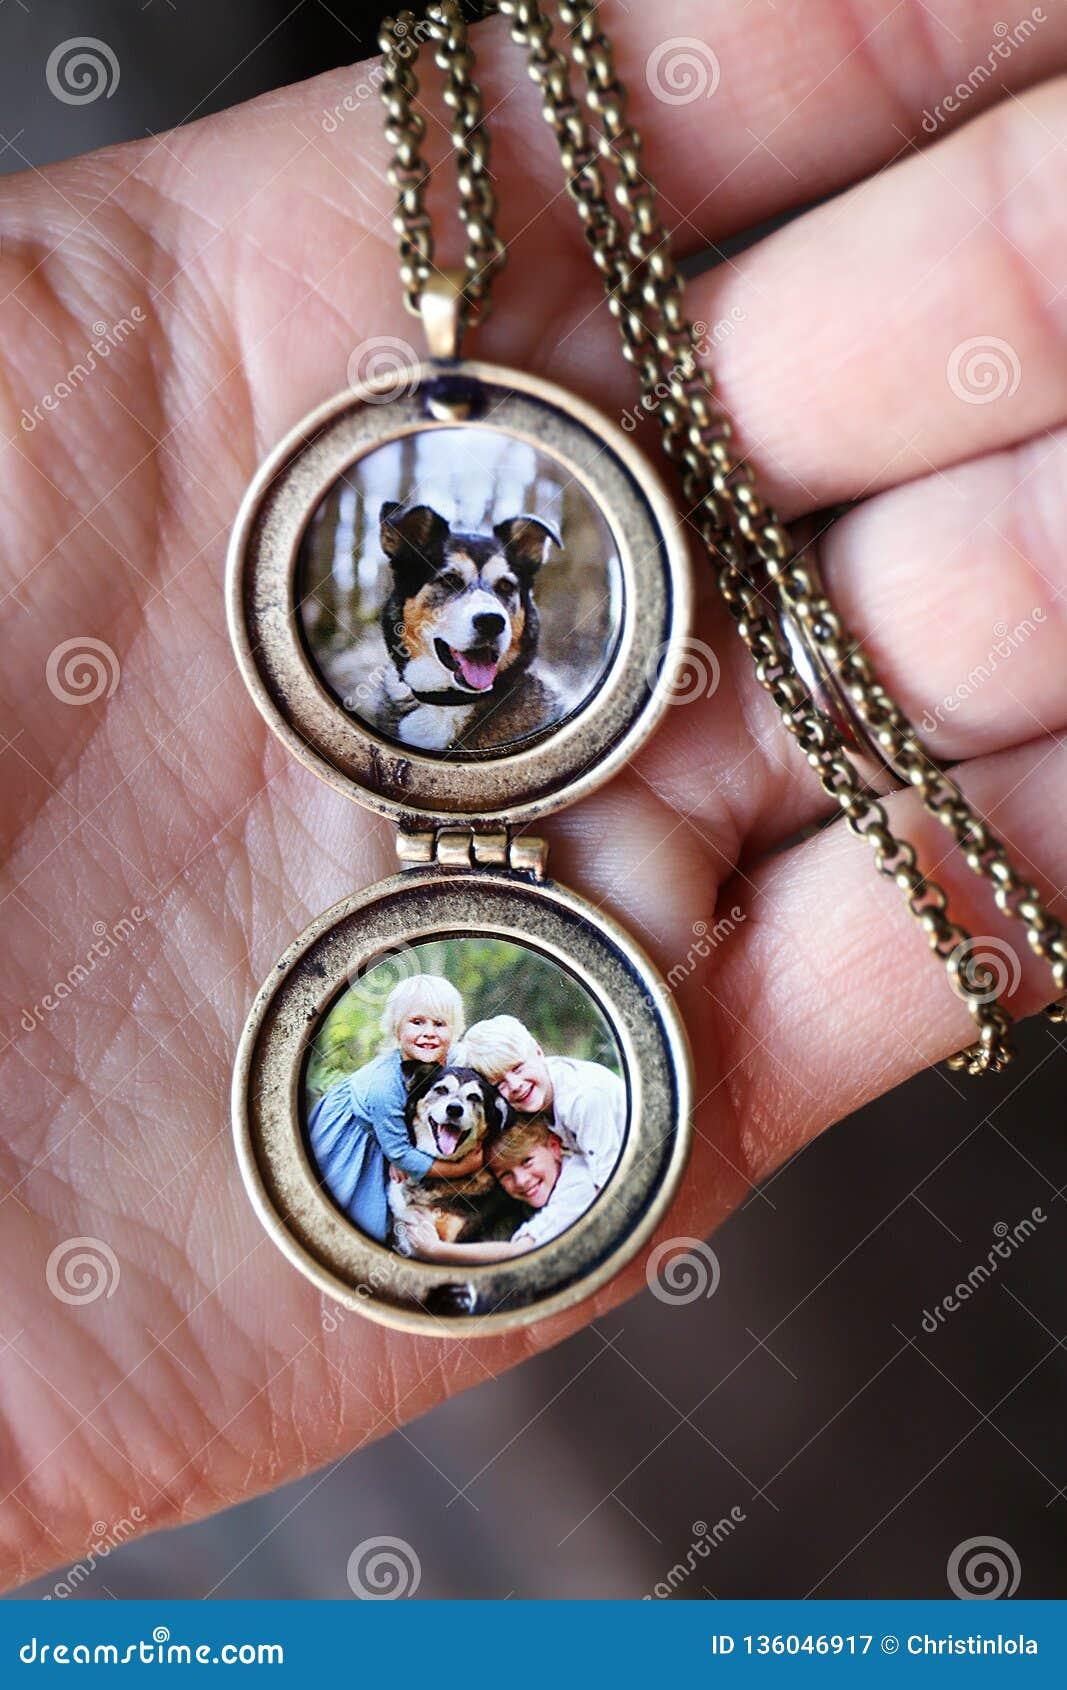 Εκμετάλλευση παλαιό Locket χεριών γυναίκας με τις φωτογραφίες των παιδιών και του σκυλιού της Pet μέσα